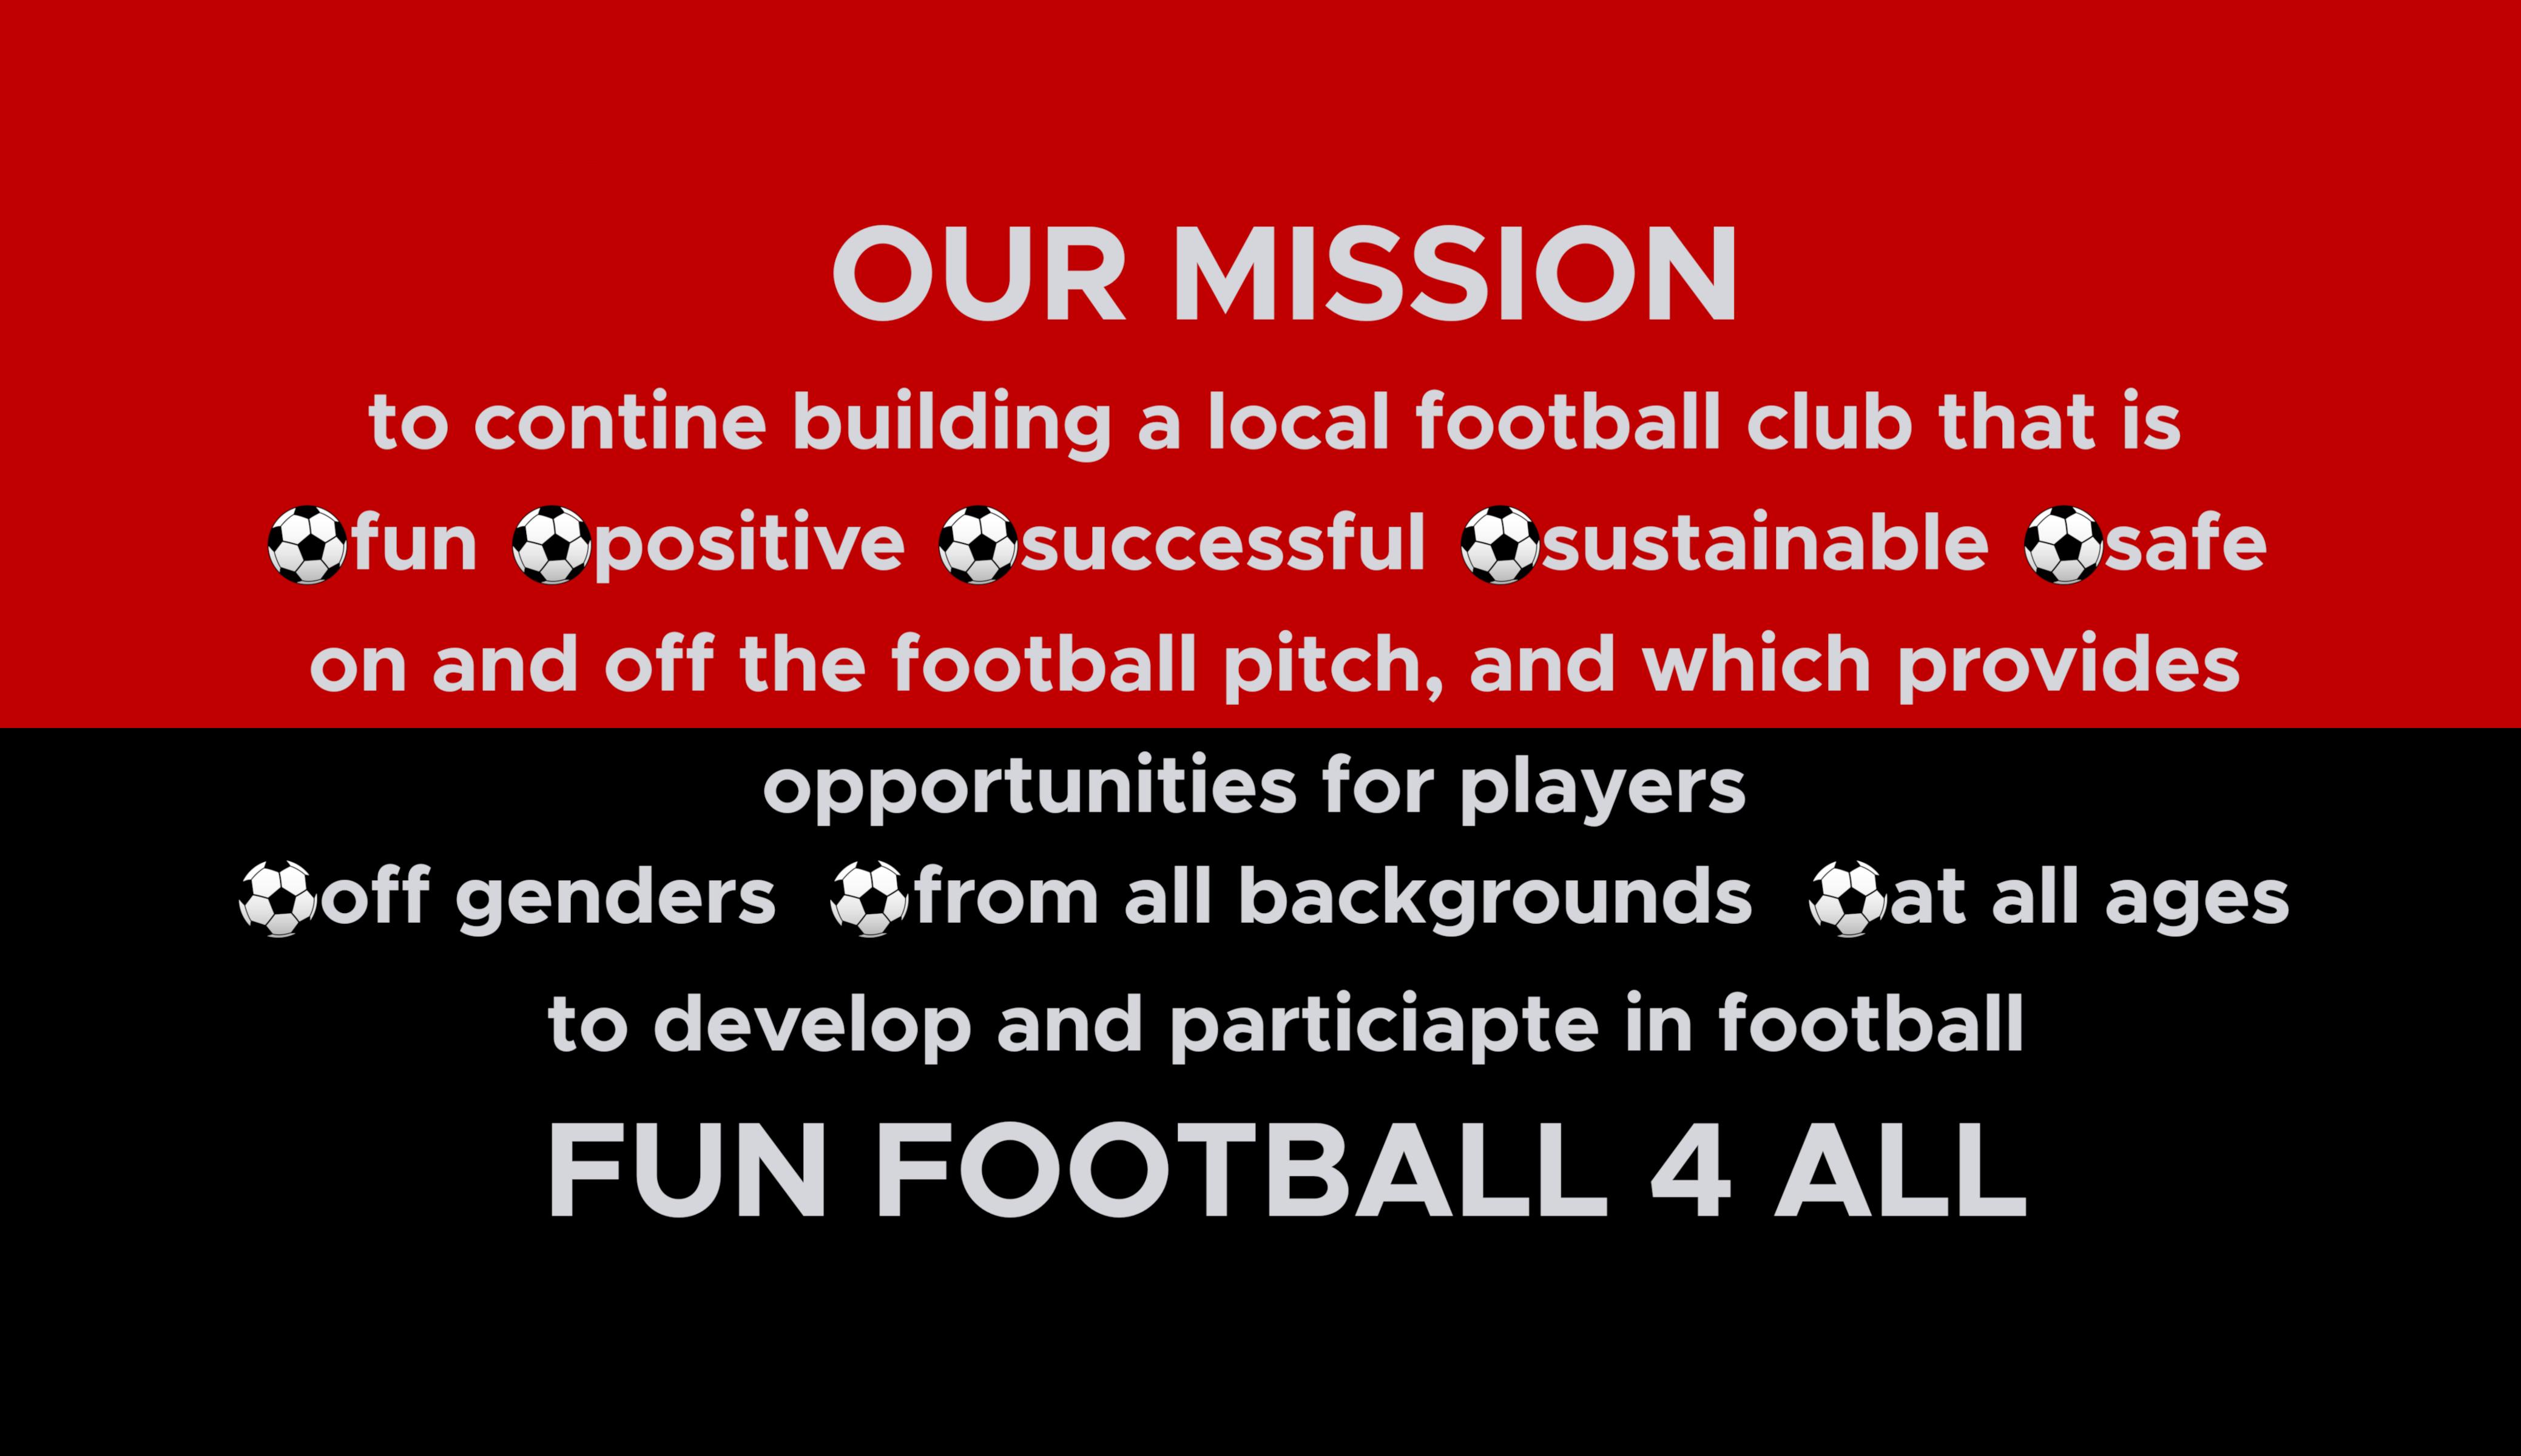 Flixton Juniors AFC Mission Fun Football 4 All